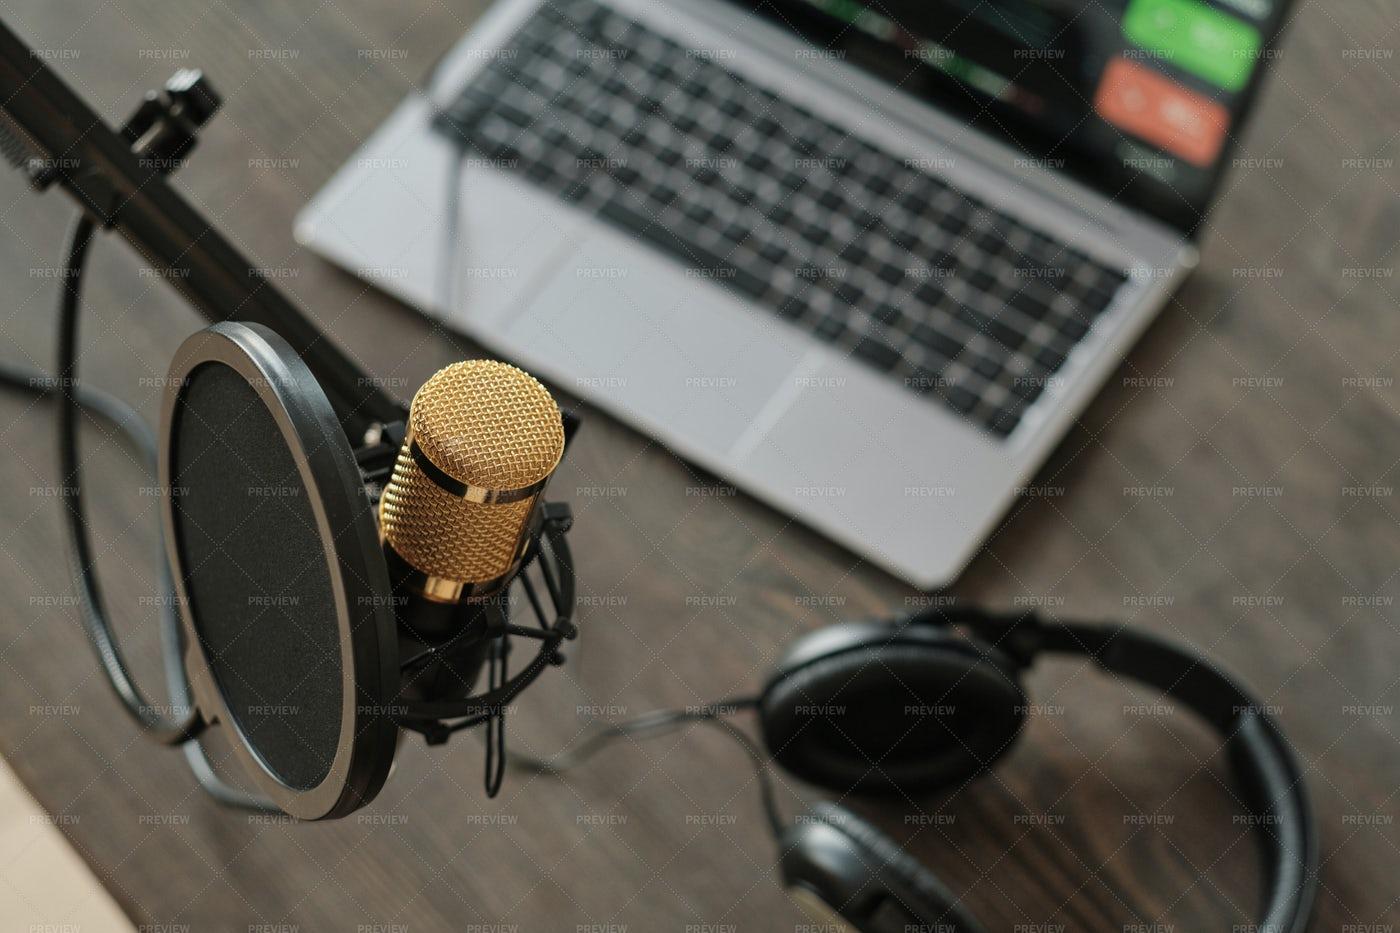 Microphone In Recording Studio: Stock Photos